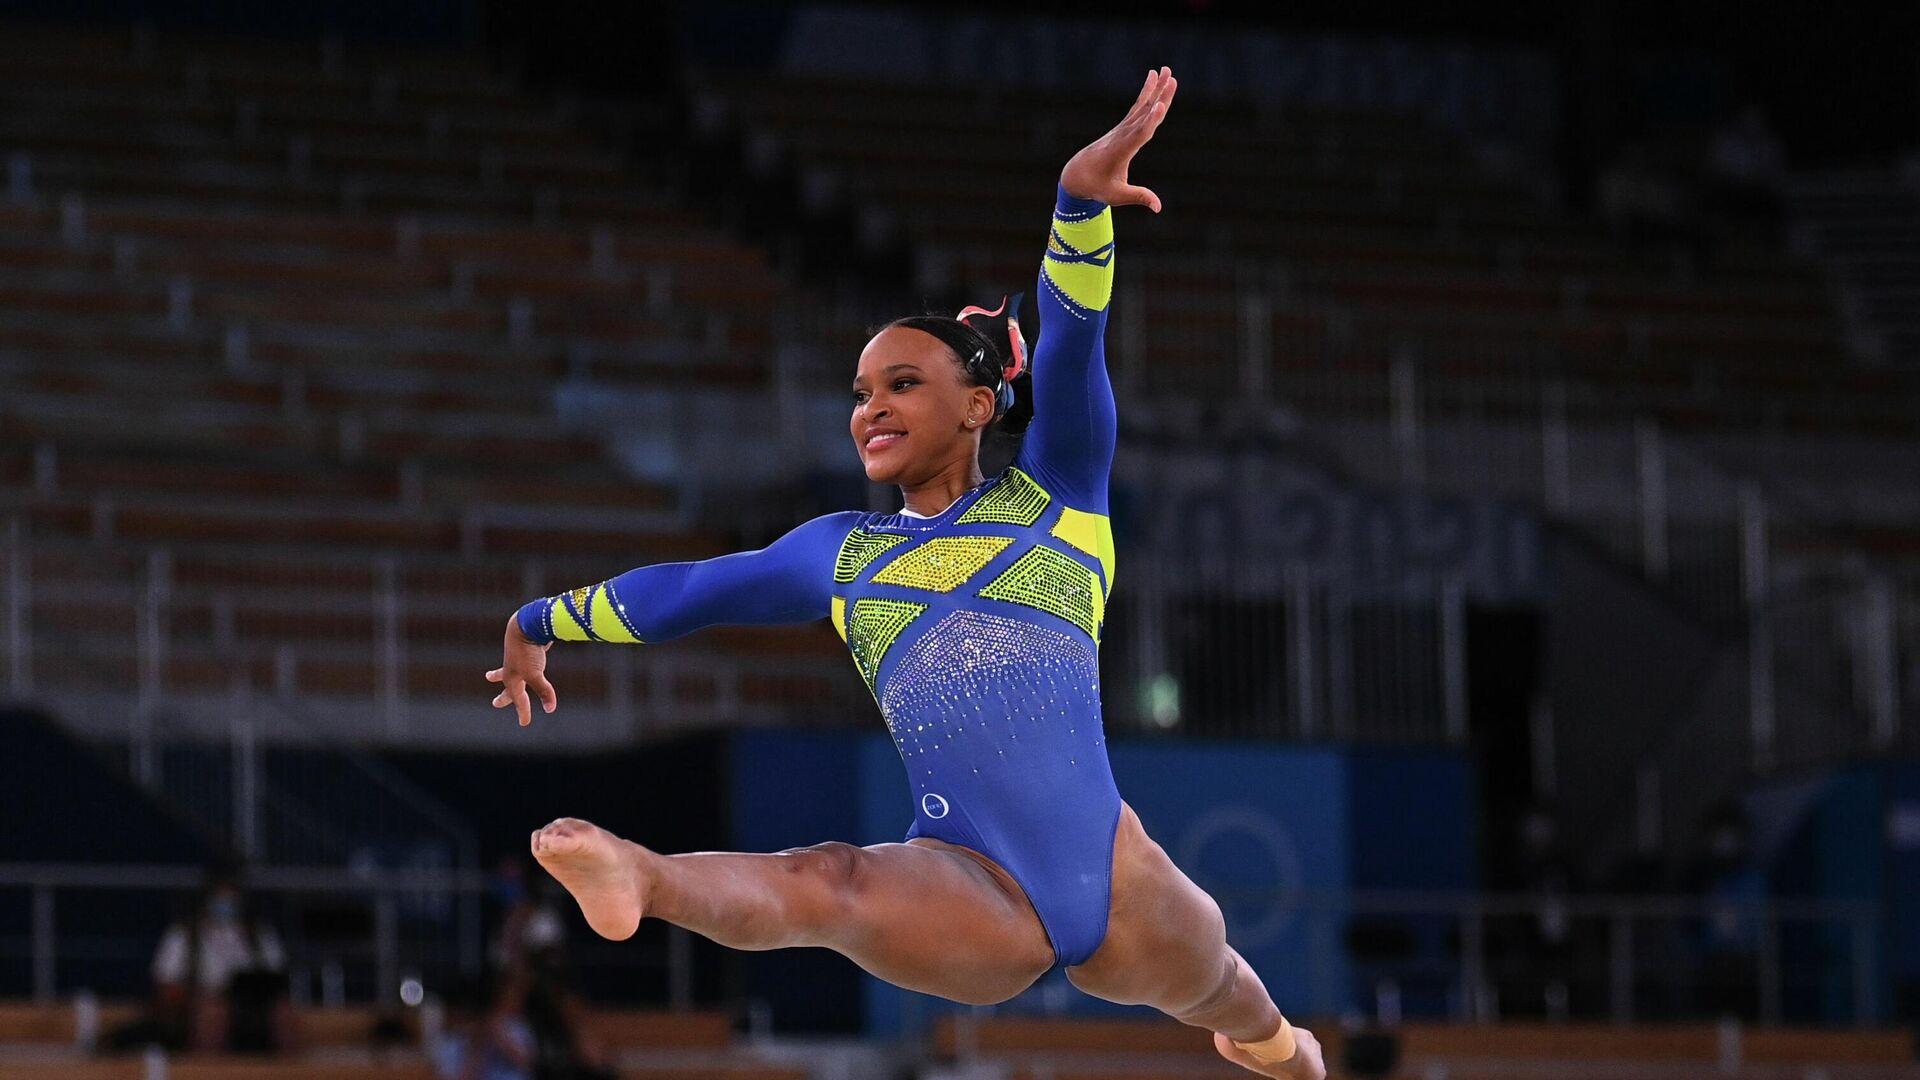 Rebeca Andrade, primera gimnasta brasileña en conquistar una medalla olímpica - Sputnik Mundo, 1920, 30.07.2021